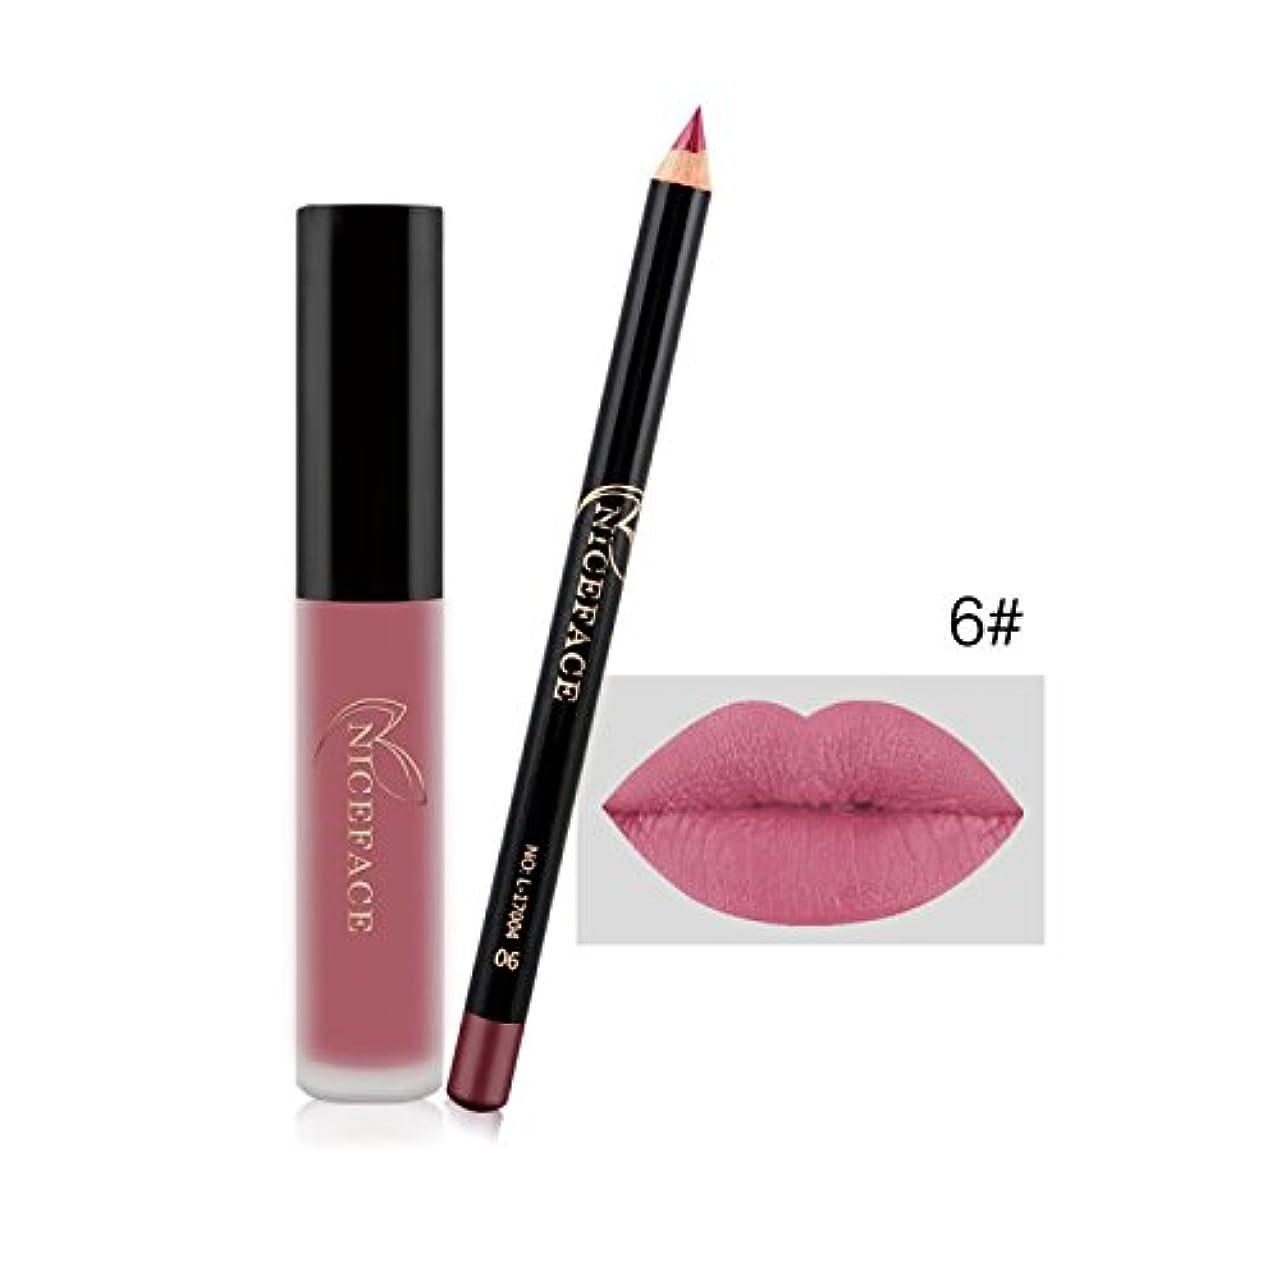 付添人差別的汚染する(6#) Makeup Set Lip Gloss + Lip Liner Set Lip Set Matte Lipstick Long Lasting Waterproof Solid Lip Pencil Liner...